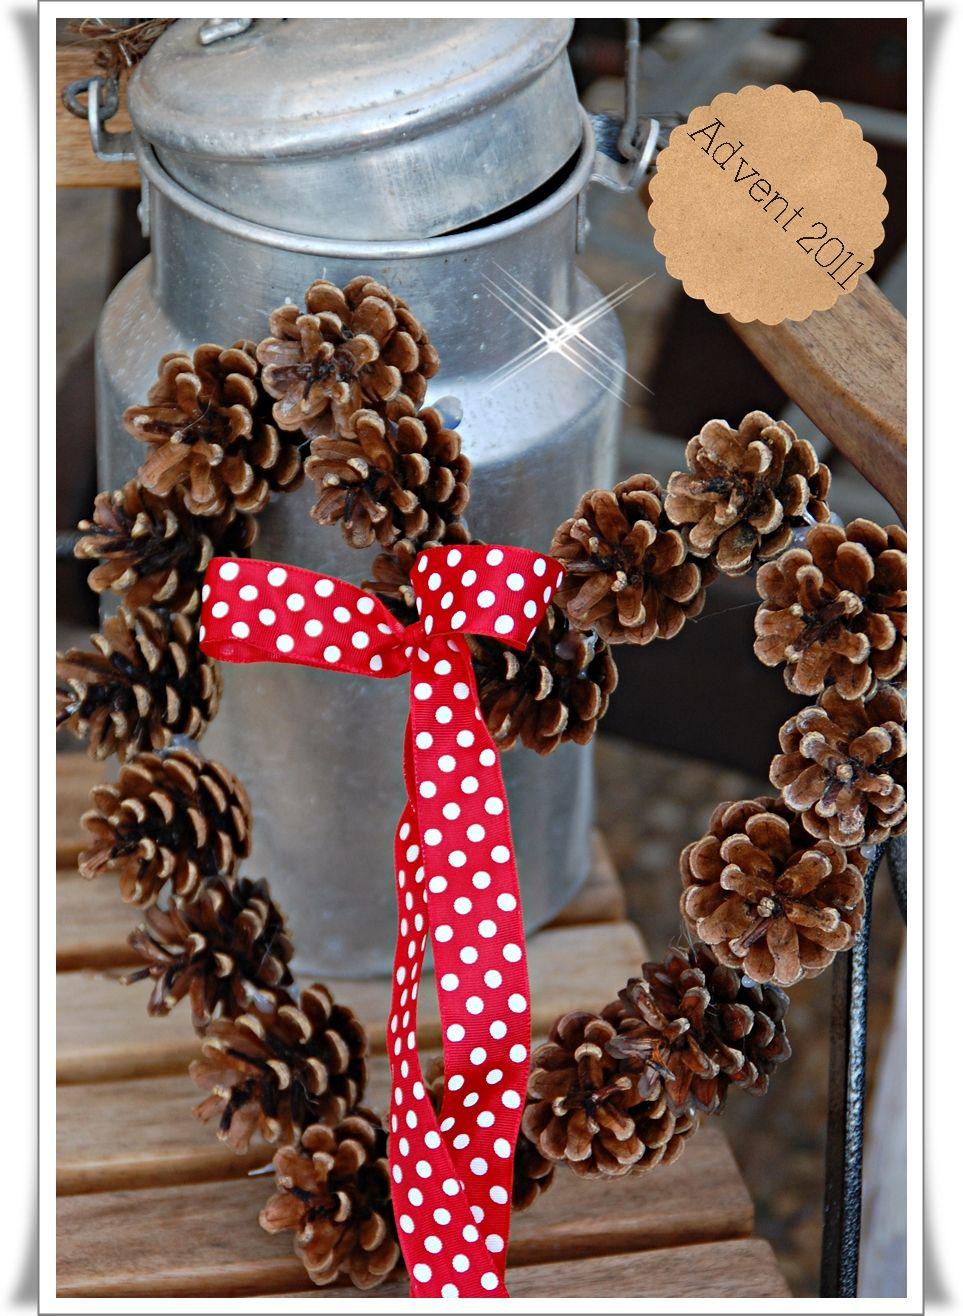 adventsdeko 2011 wohnen und garten foto v no n tvo en pinterest weihnachten. Black Bedroom Furniture Sets. Home Design Ideas